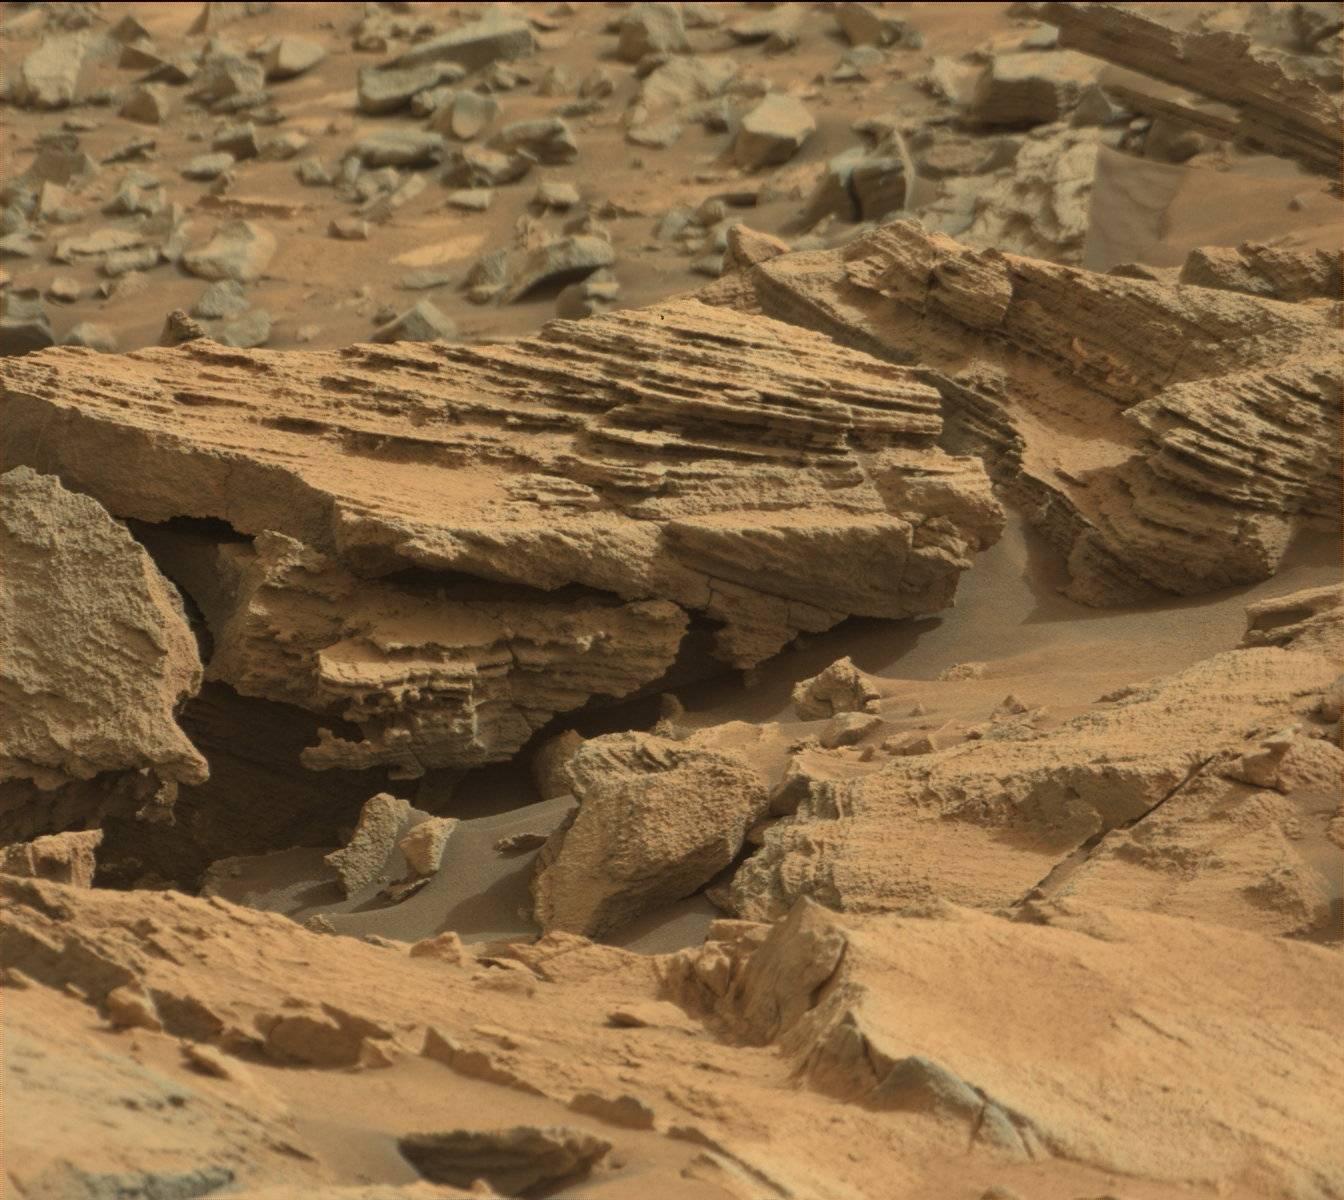 jpl mars rover curiosity - photo #46